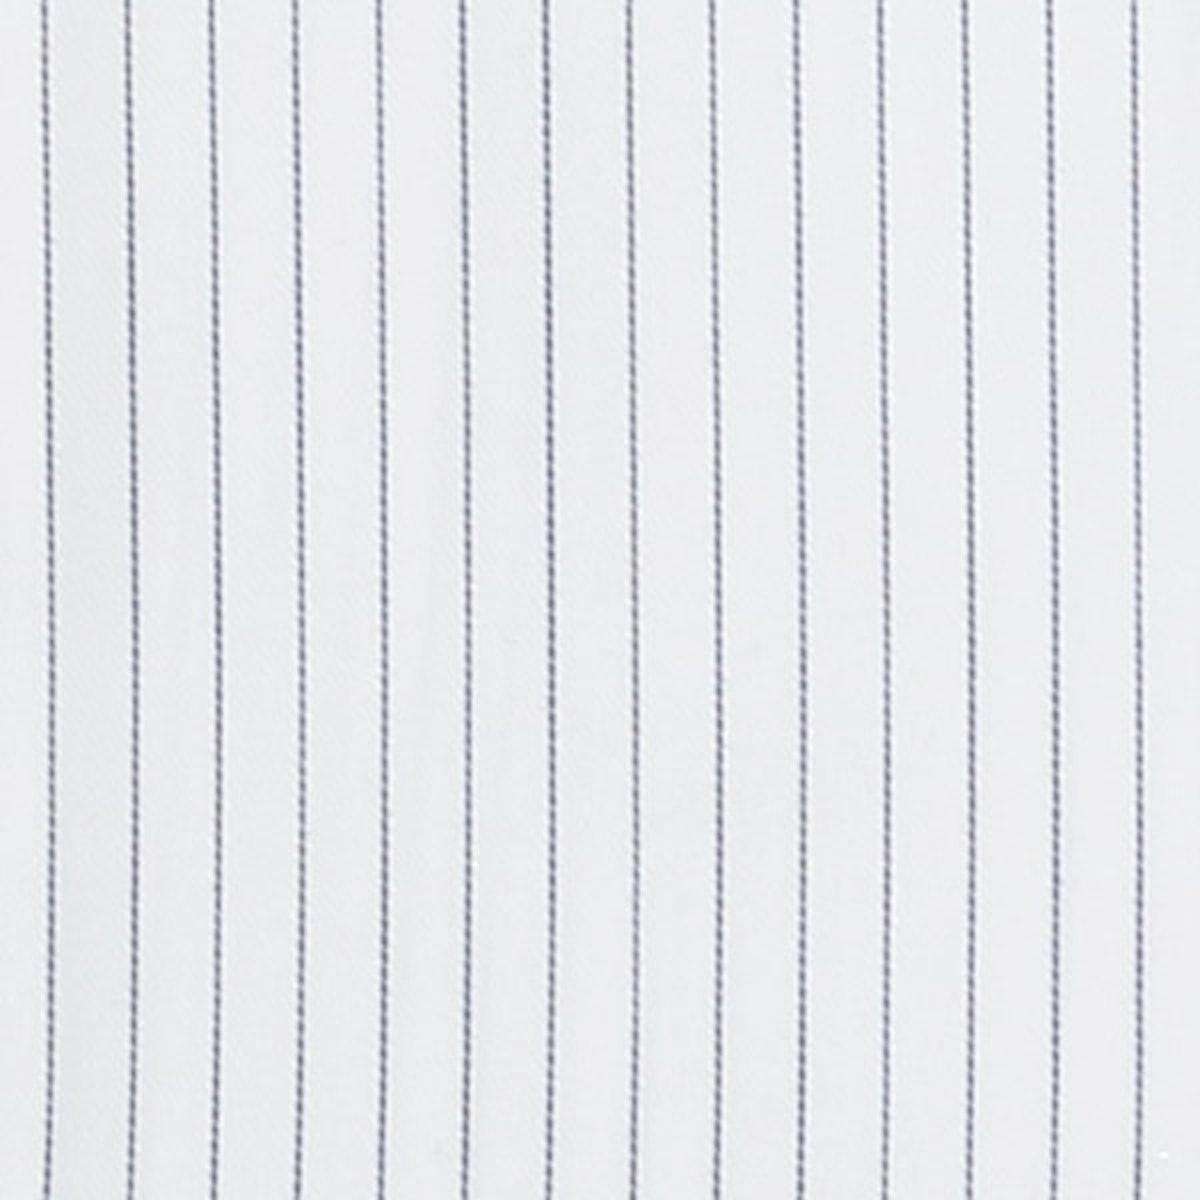 InStitchu Shirt Fabric 248